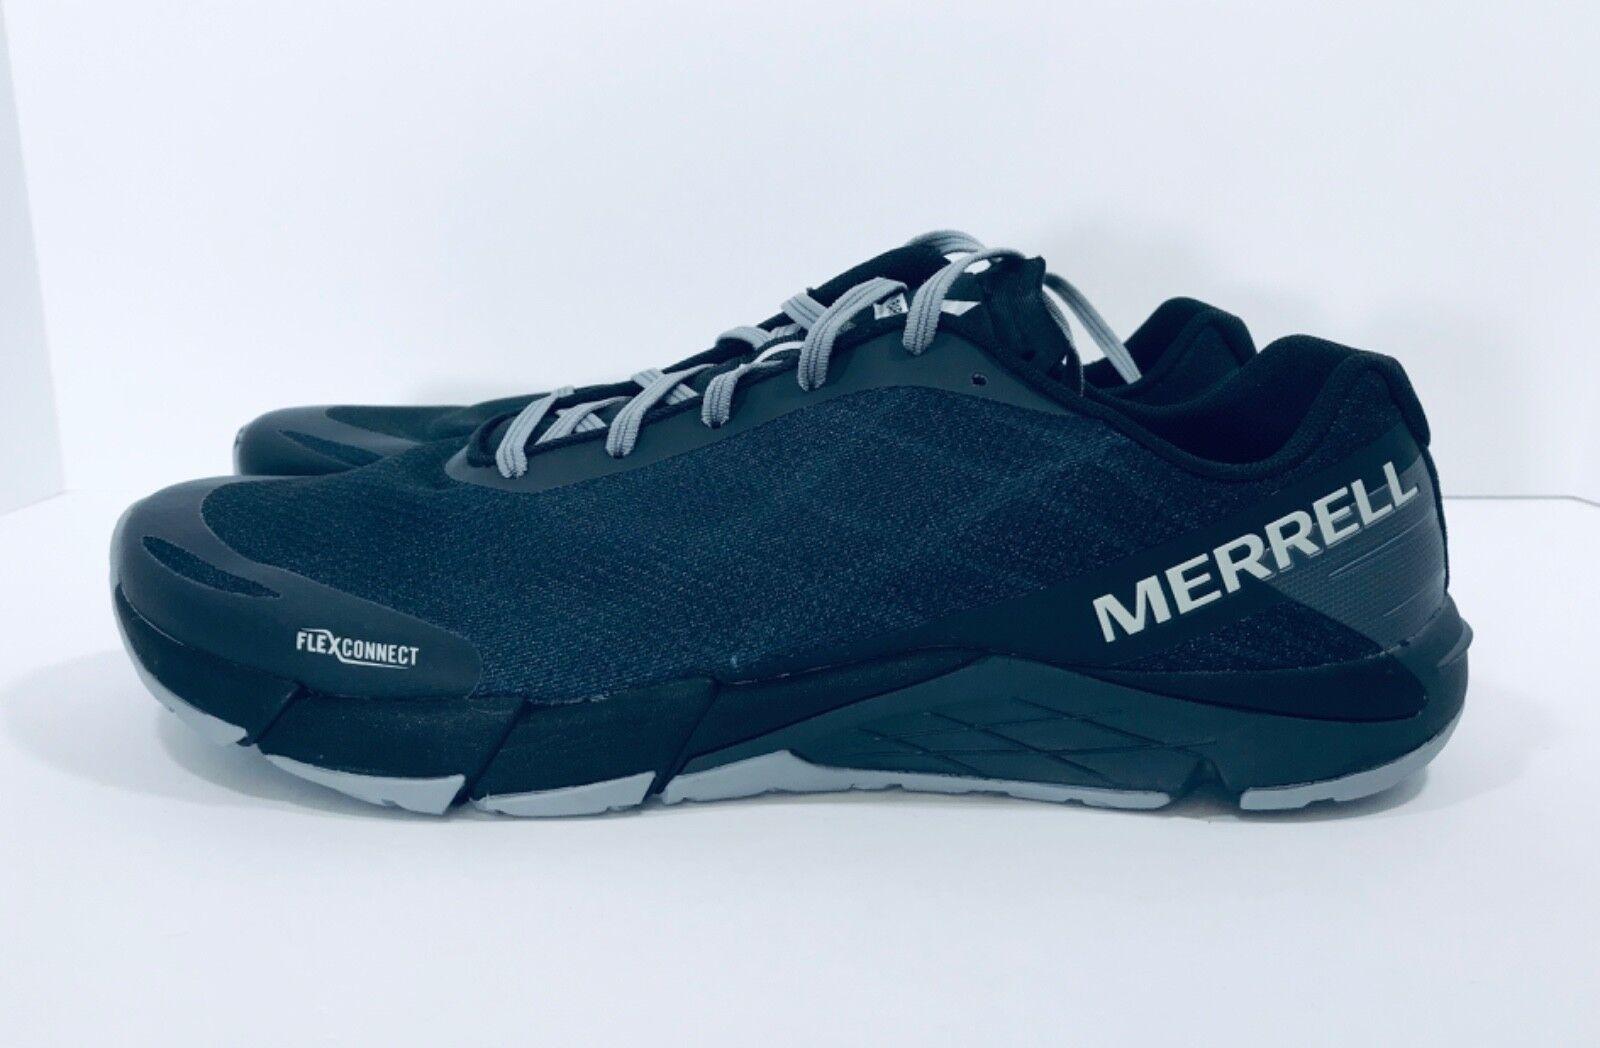 New Merrell Bare Access Flex Connect Men's scarpe Dimensiones 10.5 & 12 J598327